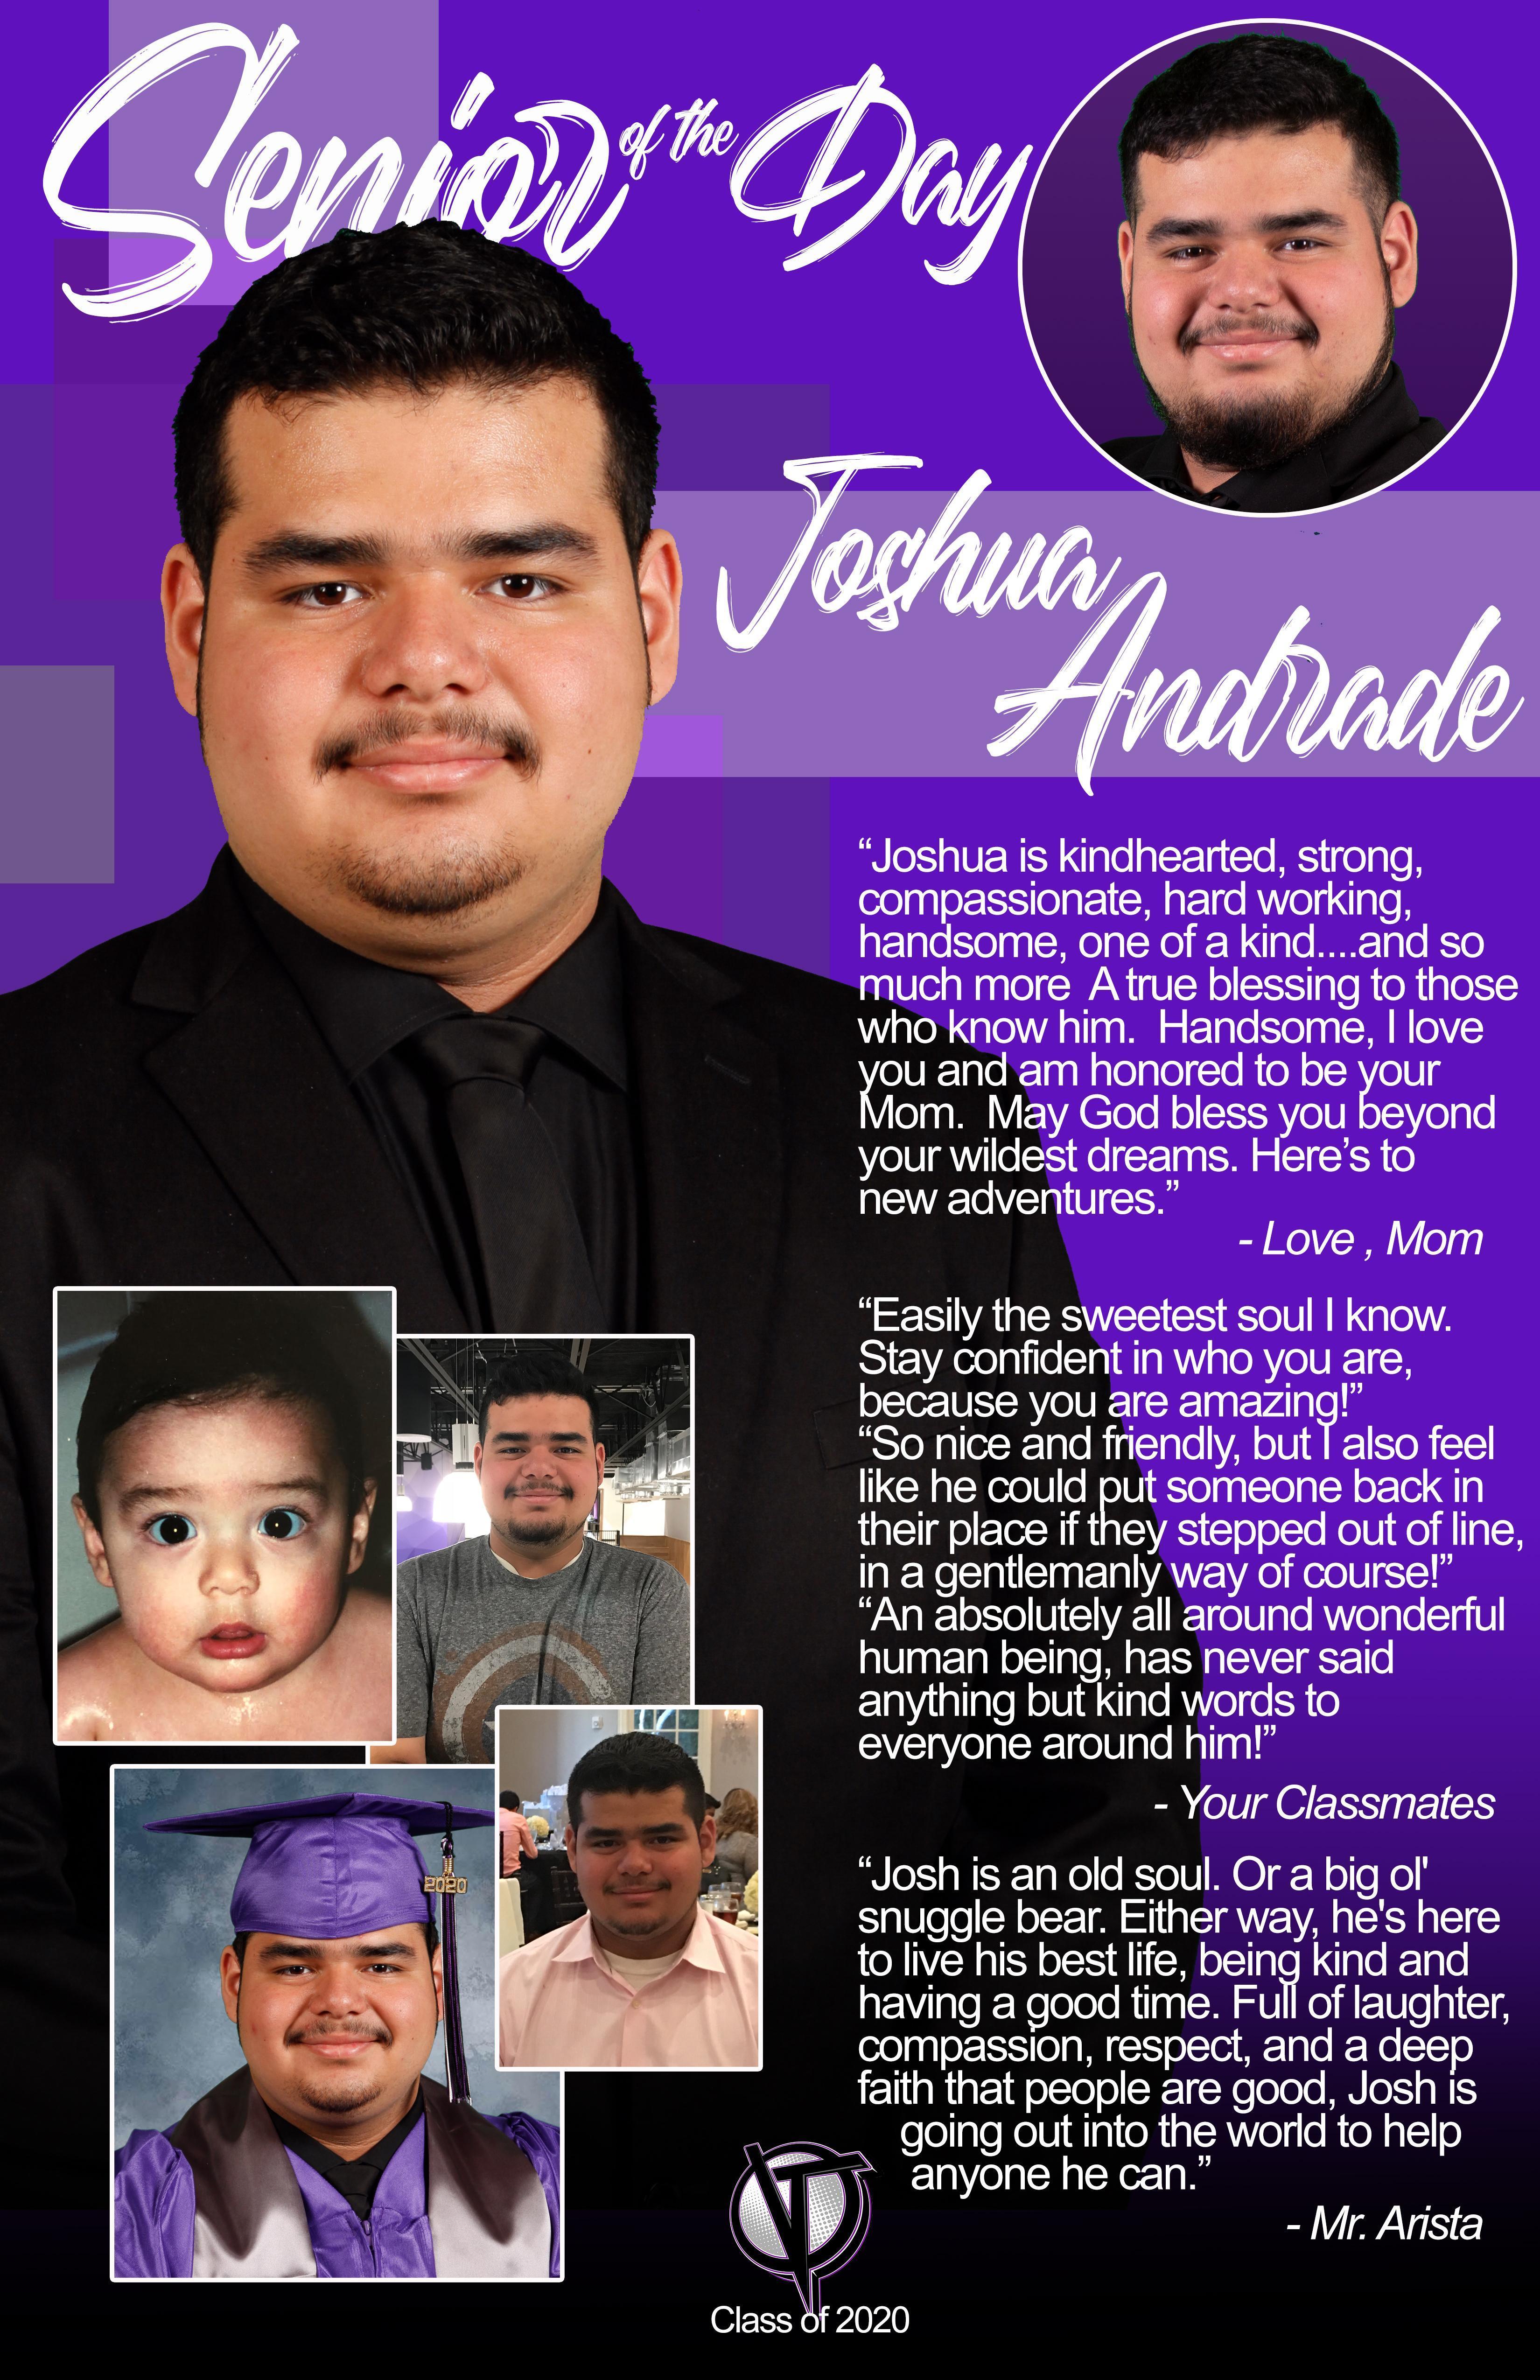 Joshua Andrade